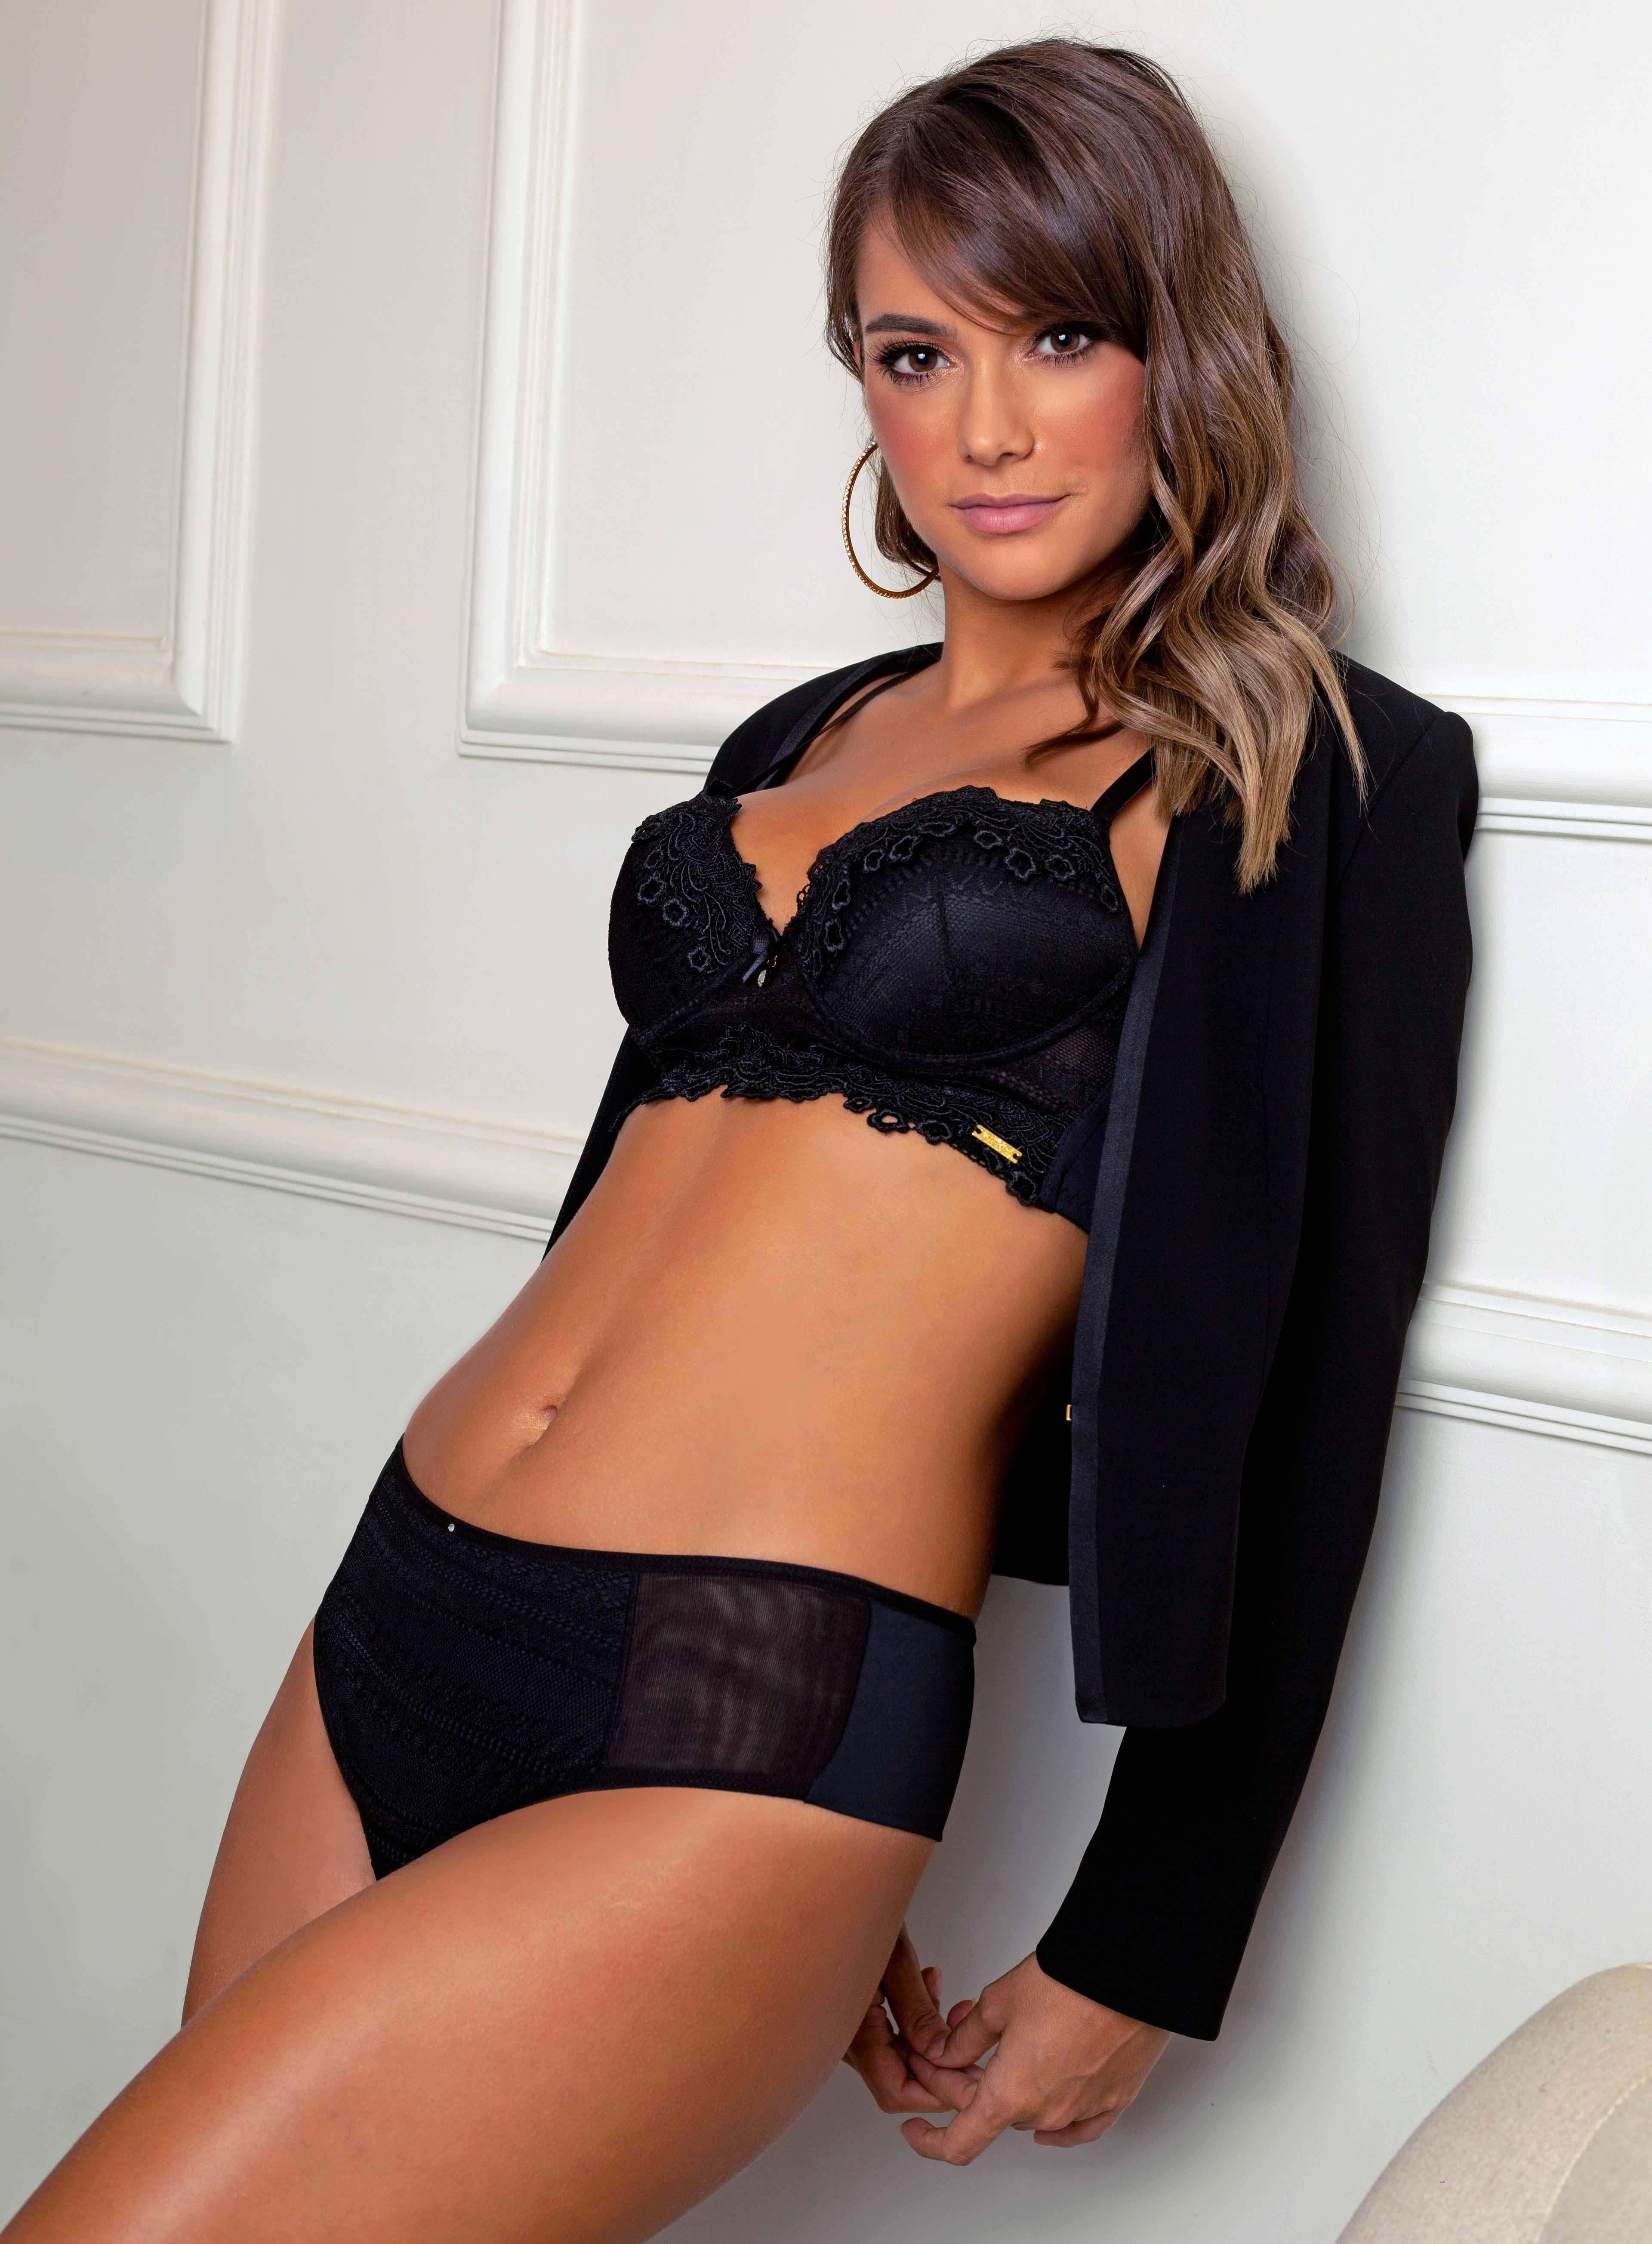 Modelo com conjunto de lingerie preto com renda e tule.